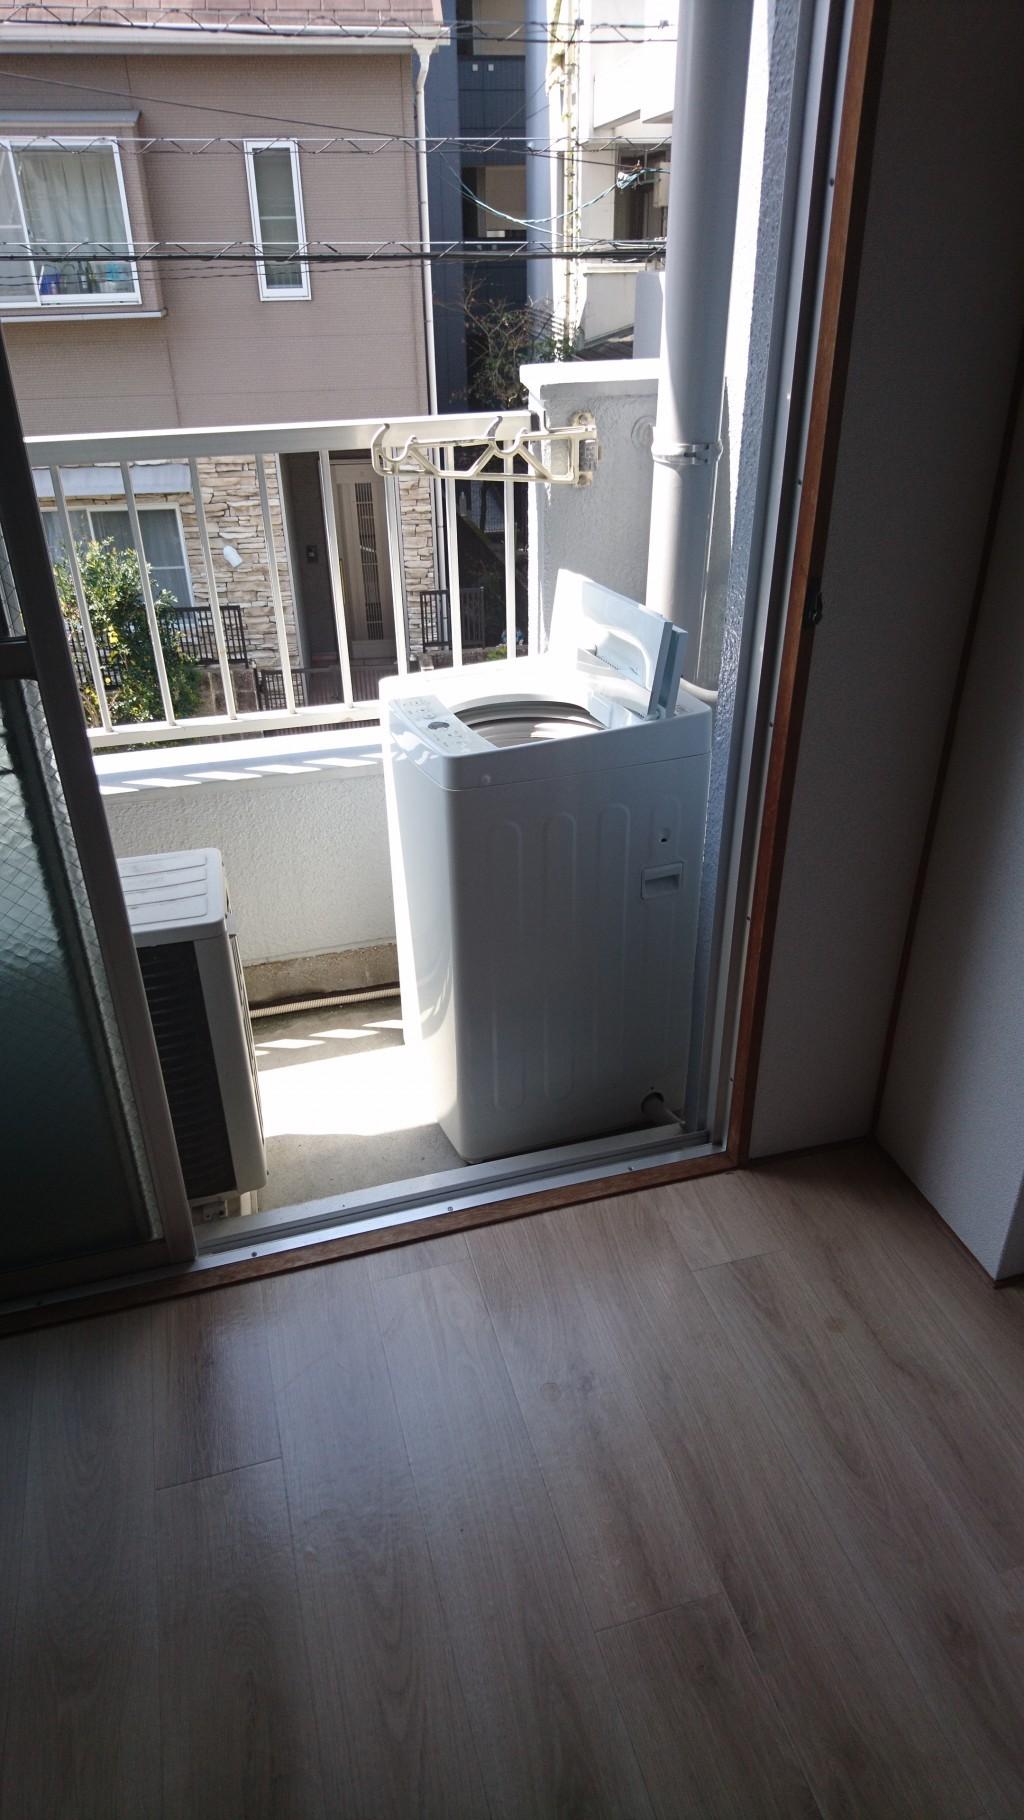 【高知市】洗濯機の回収☆即日対応の迅速さに大変満足いただきました!